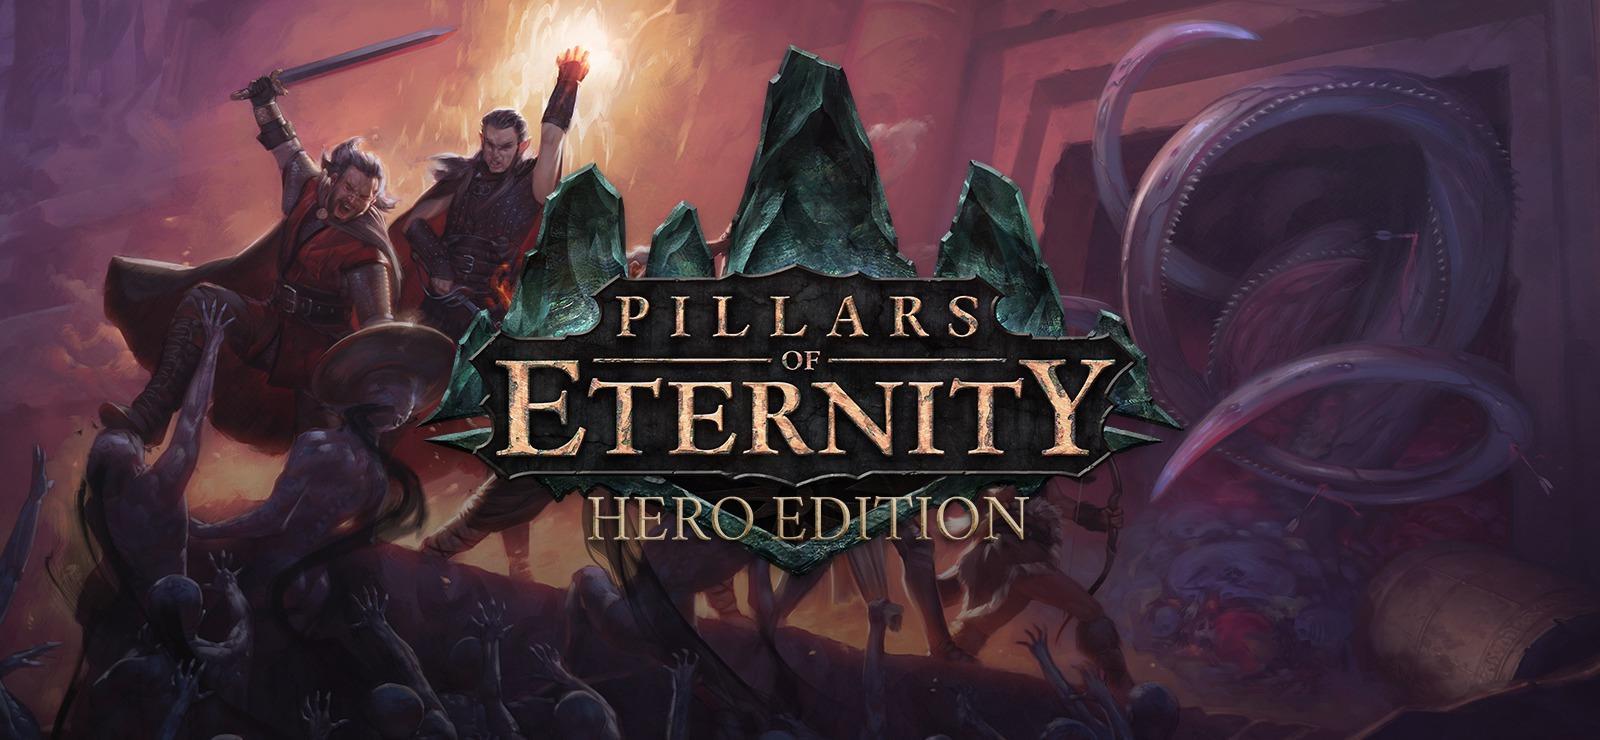 Sélection de jeux PC (Dématérialisés) en promotion - Ex : Pillars of Eternity + Double Dragon Trilogy offert